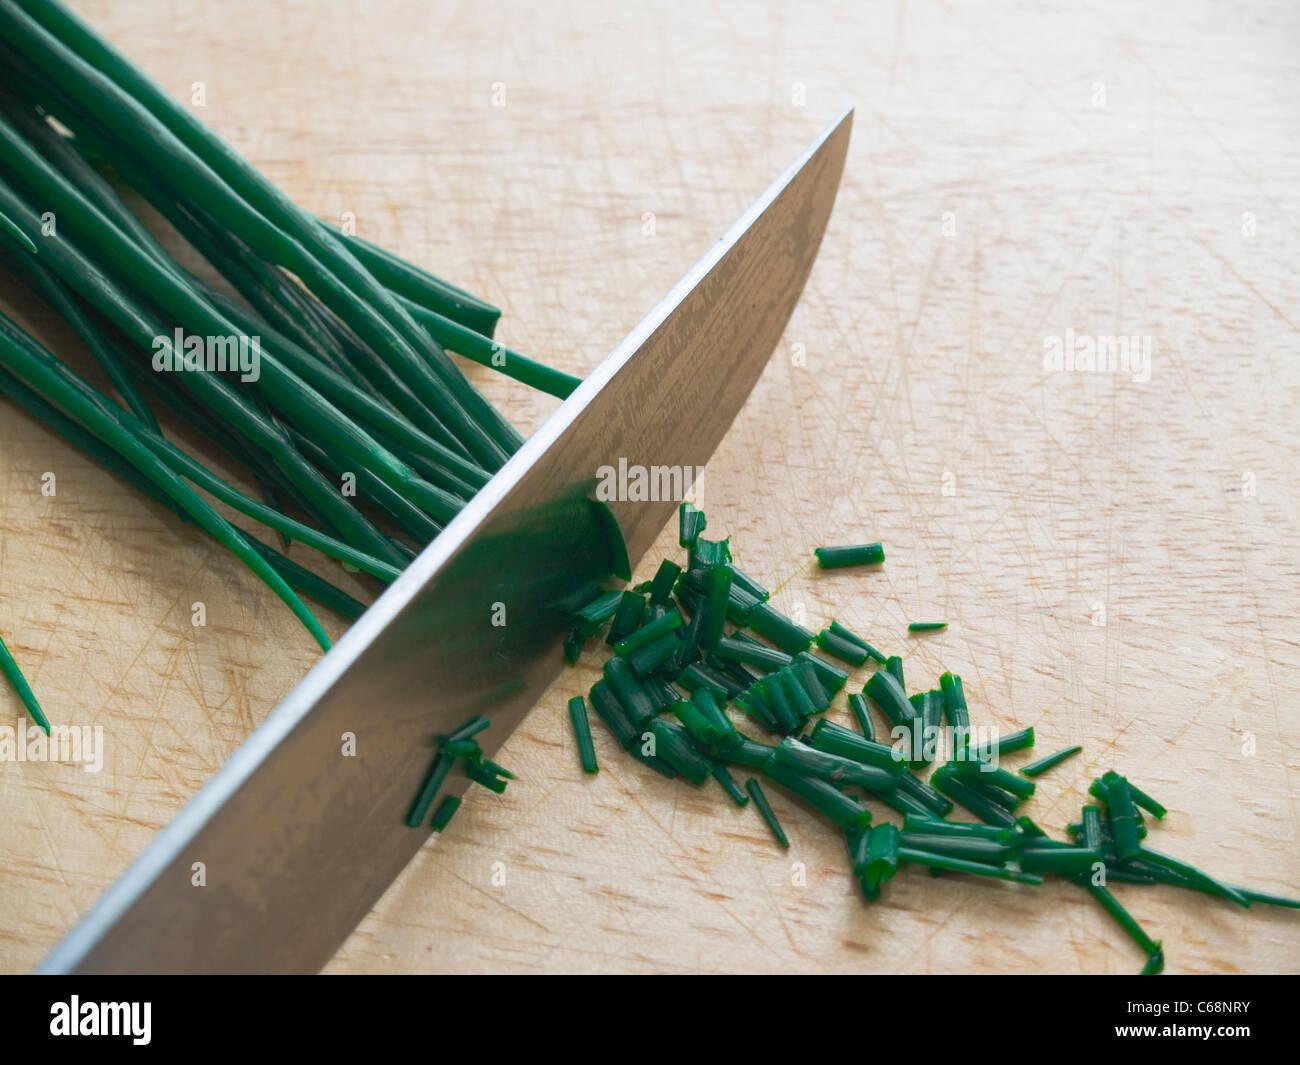 Schnittlauch wird auf einem Schneidbrett geschnitten | Chives is cutting on a cutting board - Stock Image